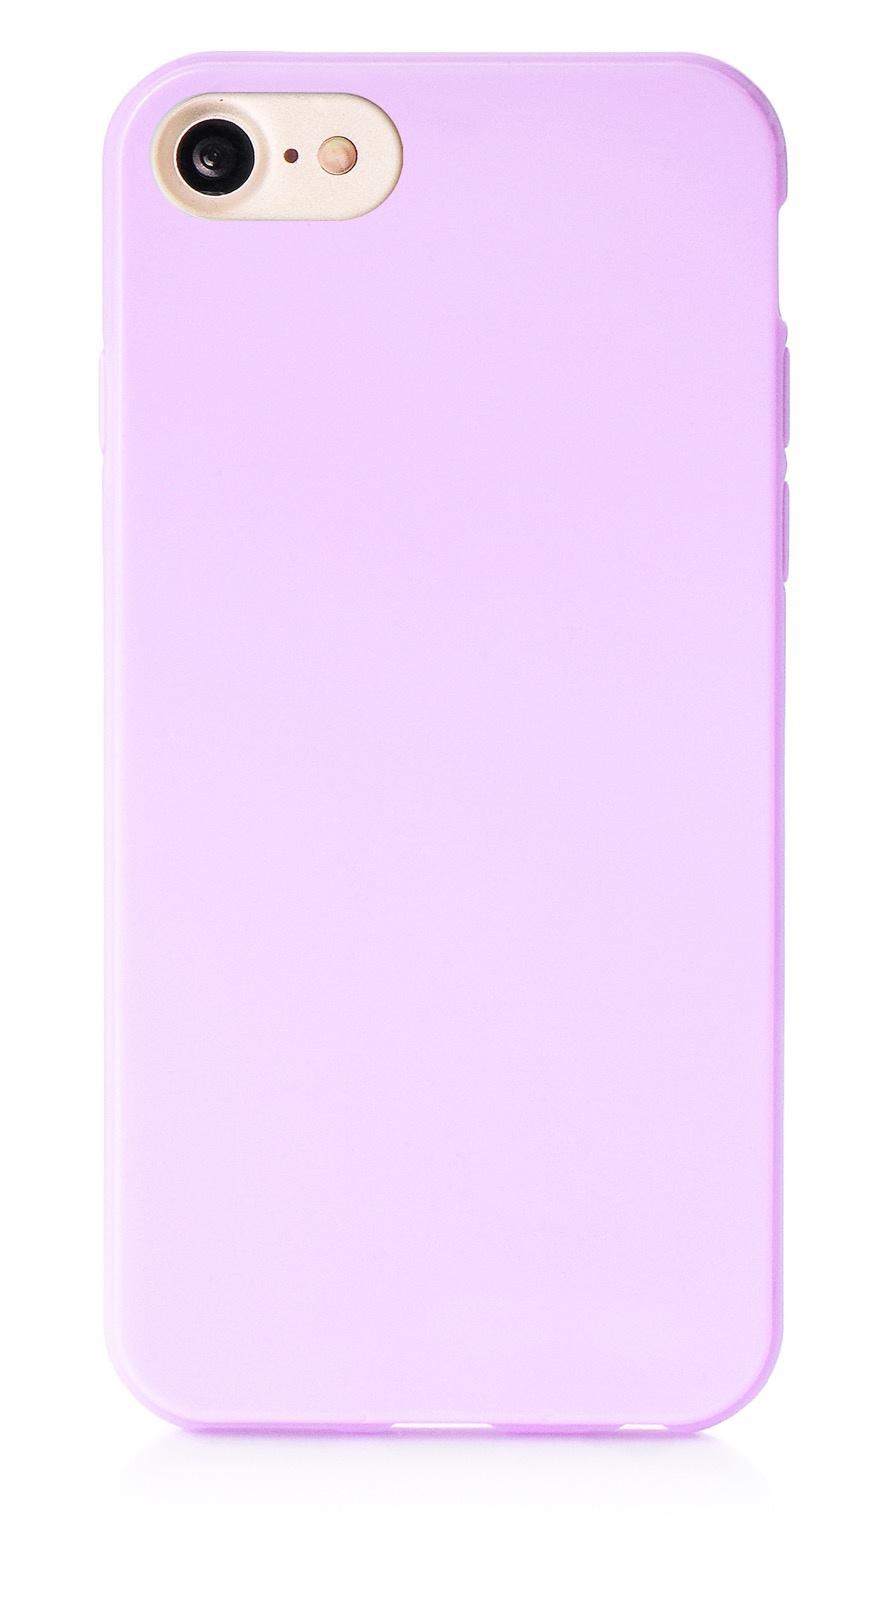 """Чехол для сотового телефона iNeez накладка силикон мыльница 900828 для Apple Iphone 7/8 4.7"""", сиреневый"""